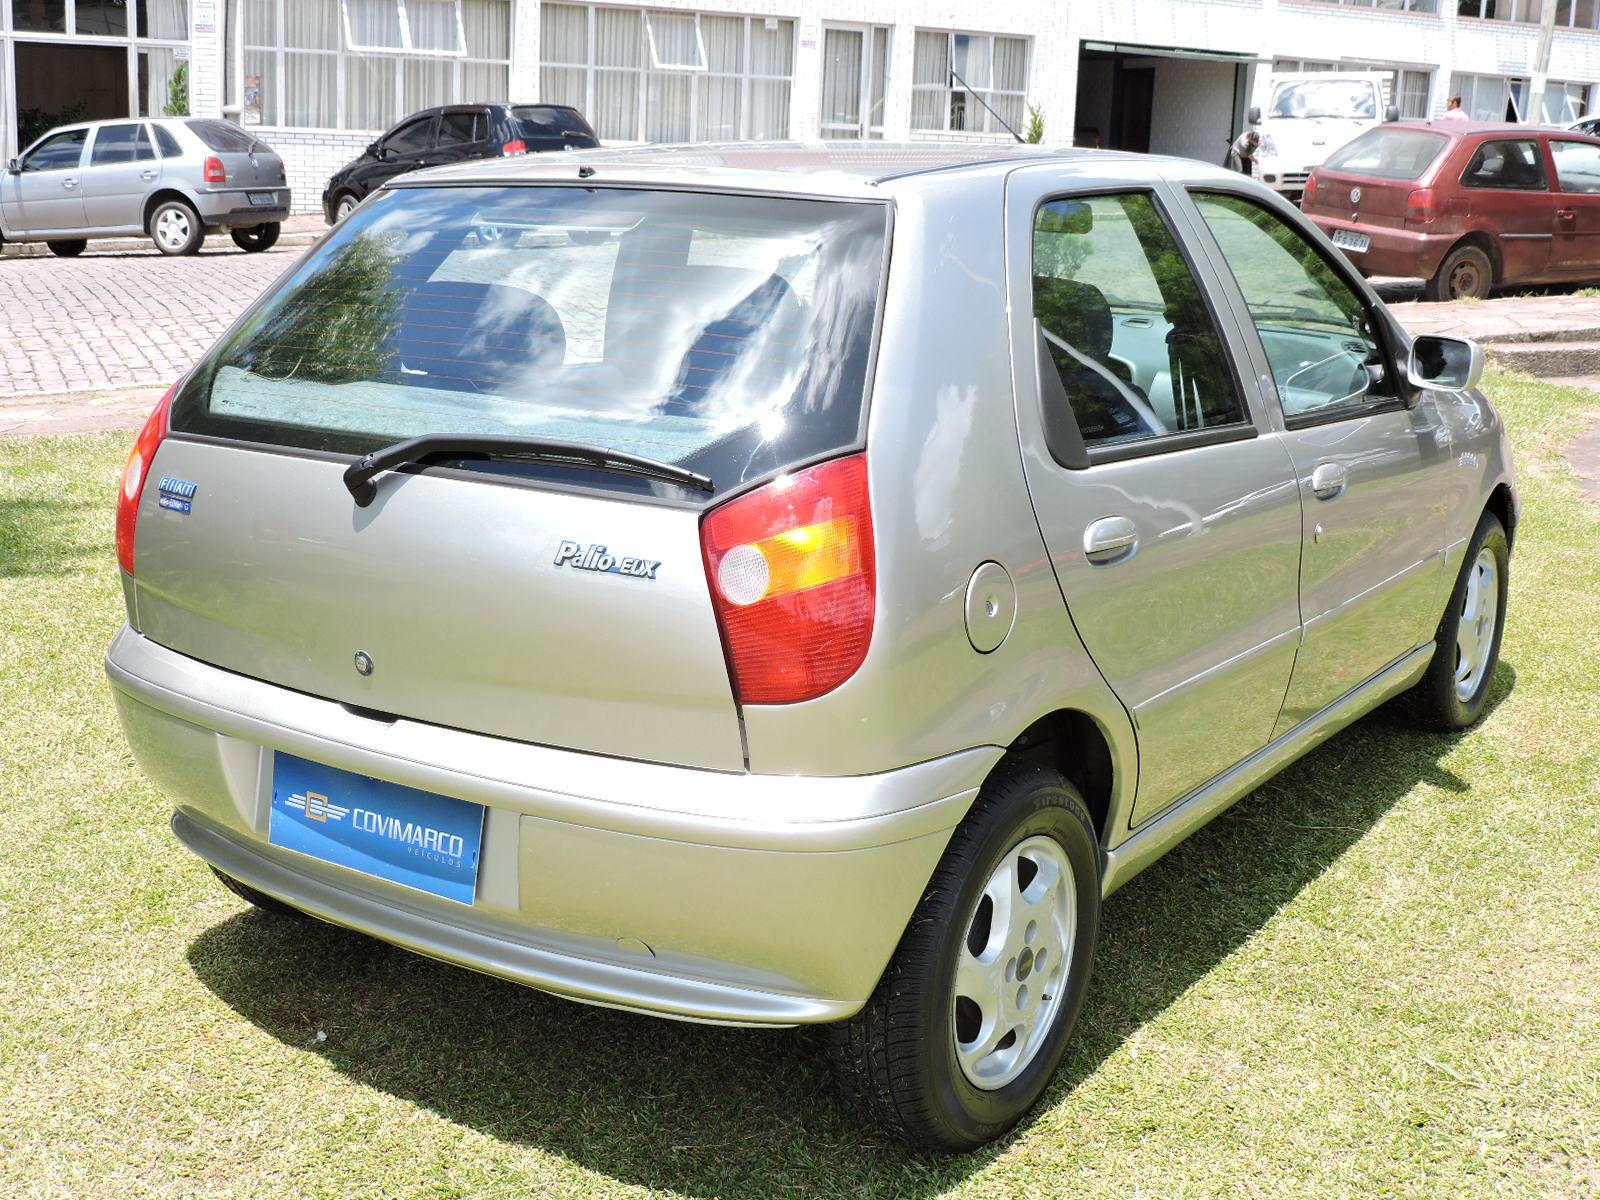 palio-2000-042